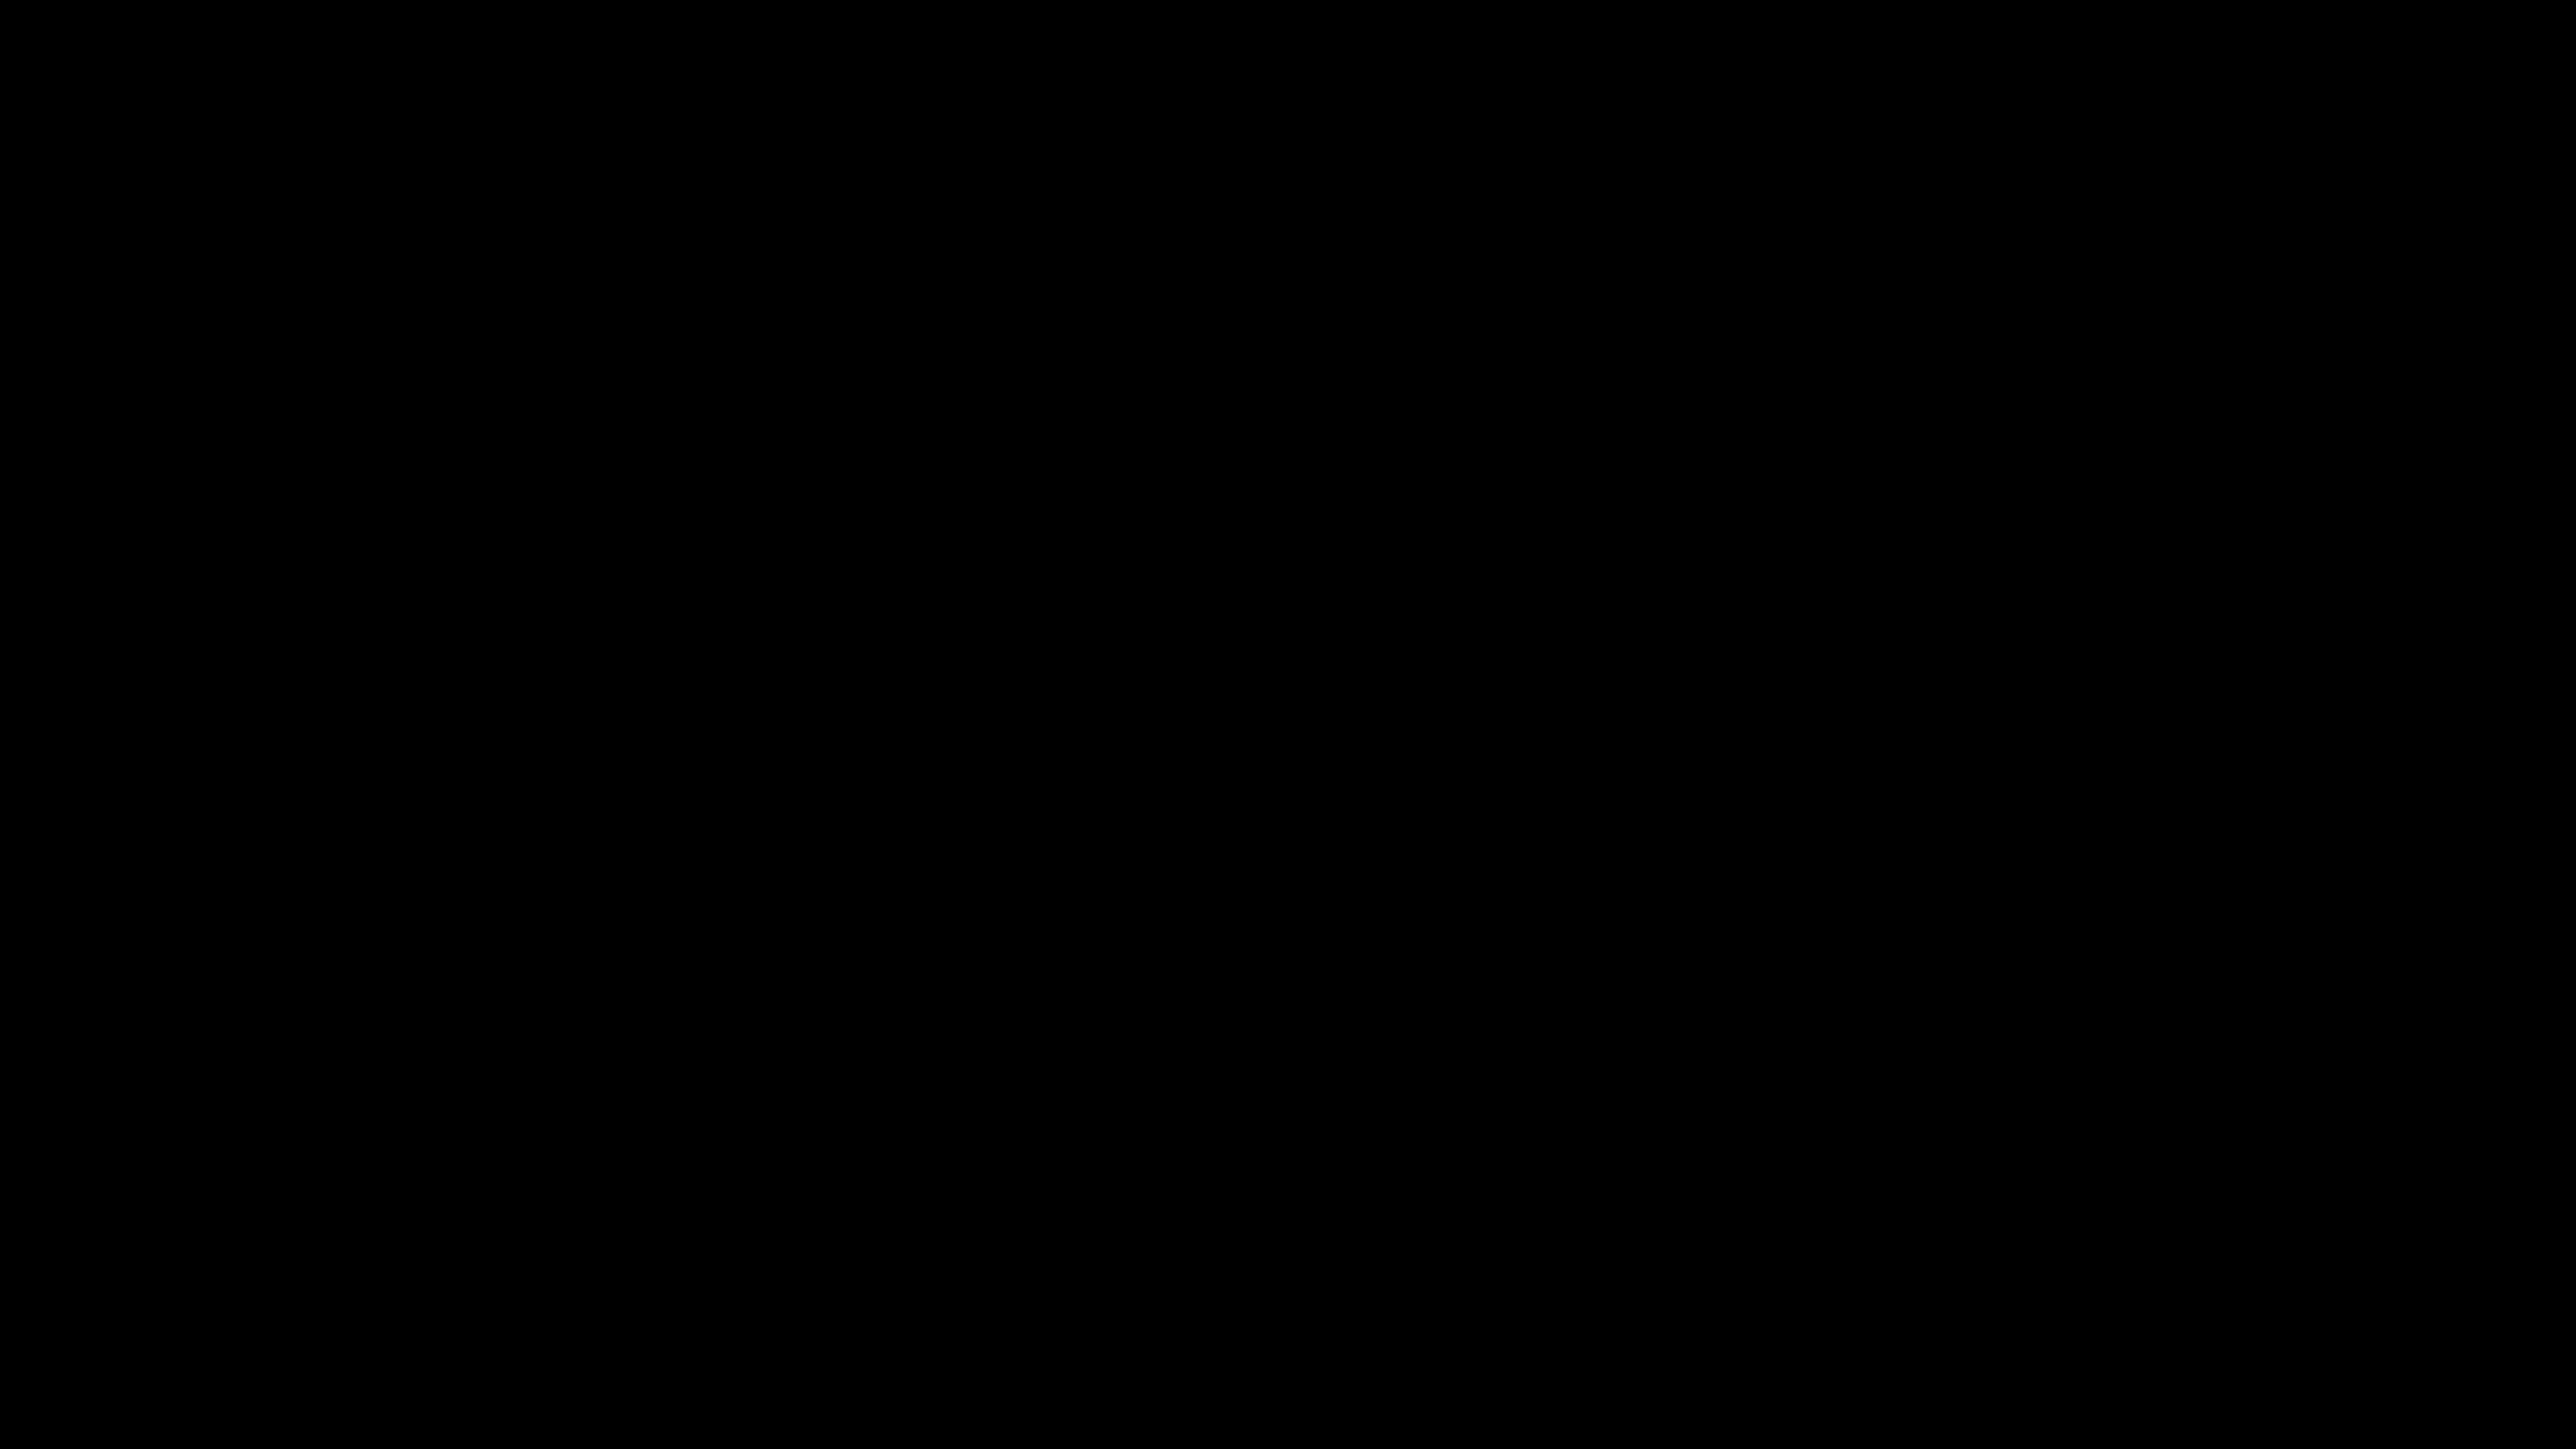 Scuba diver's view inside the scuba tank